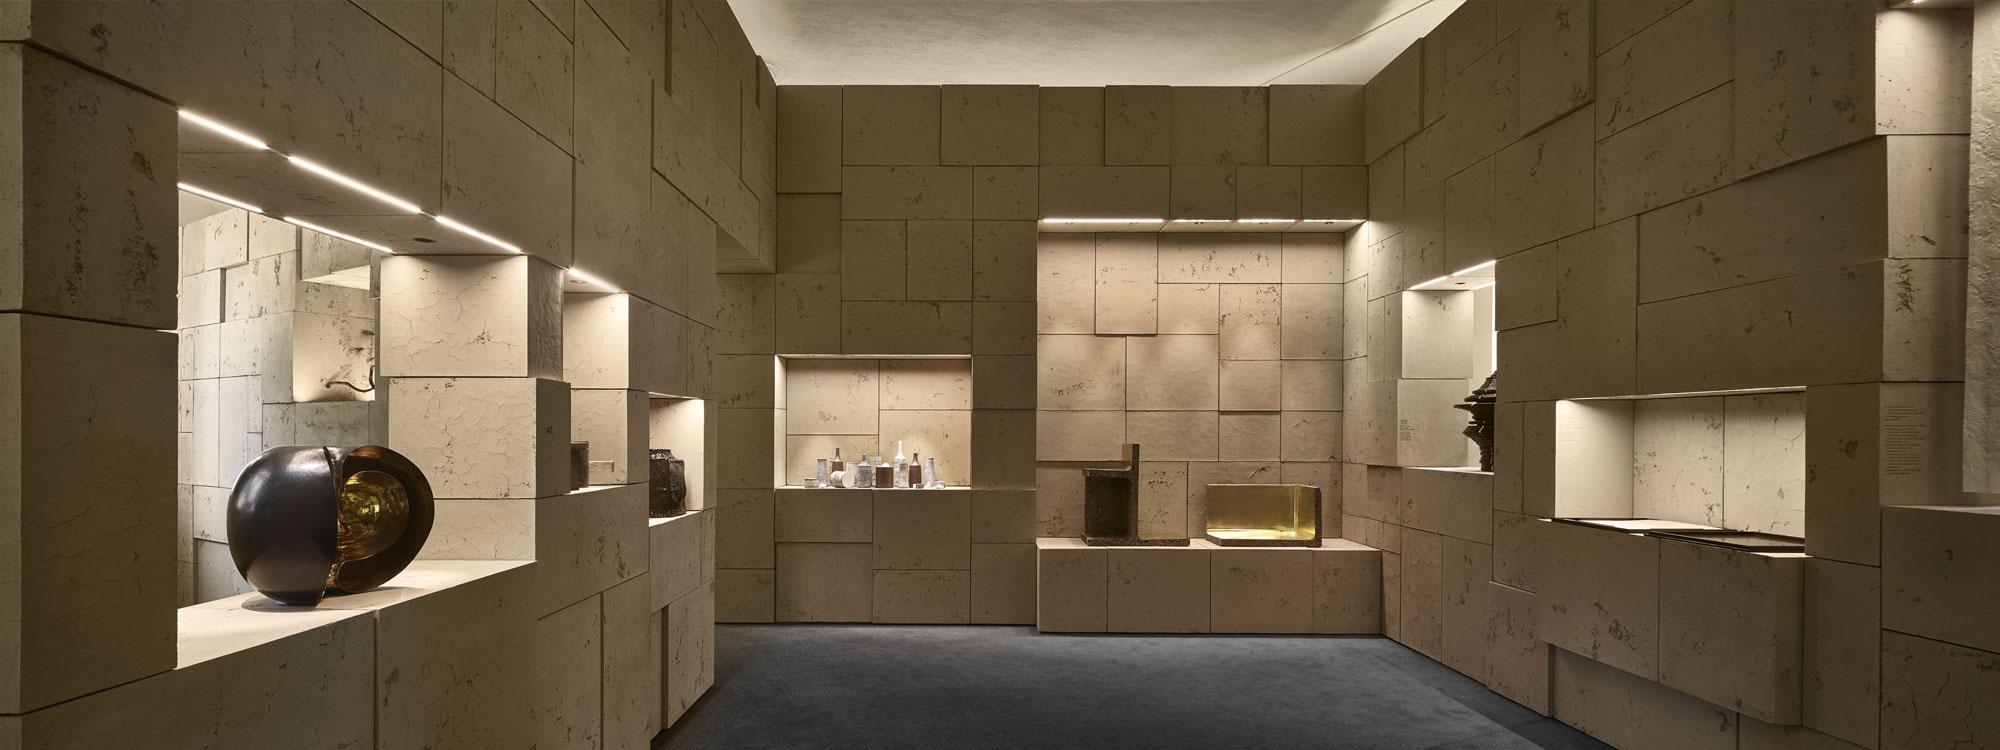 A Venezia apre Homo Faber, una grande mostra sulla creatività e sull'artigianato artistico